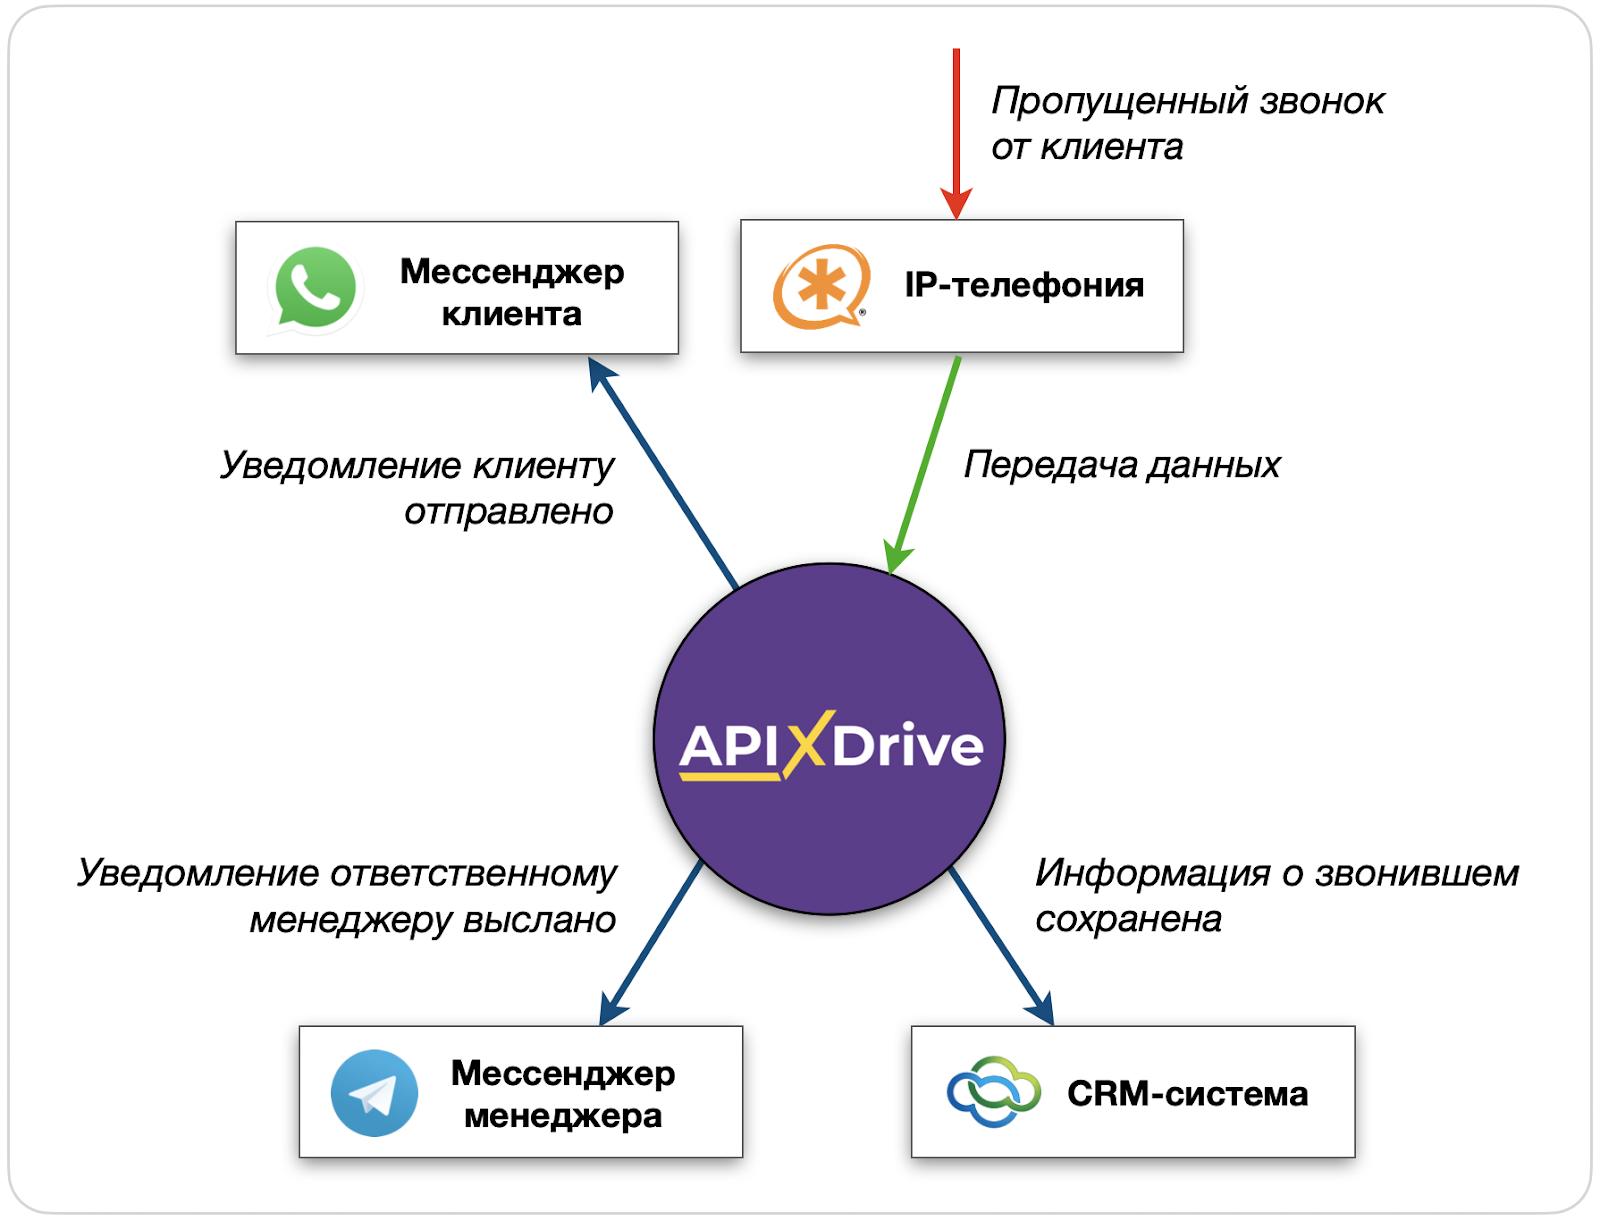 Сервис ApiX-Drive в действии. Вариант 2